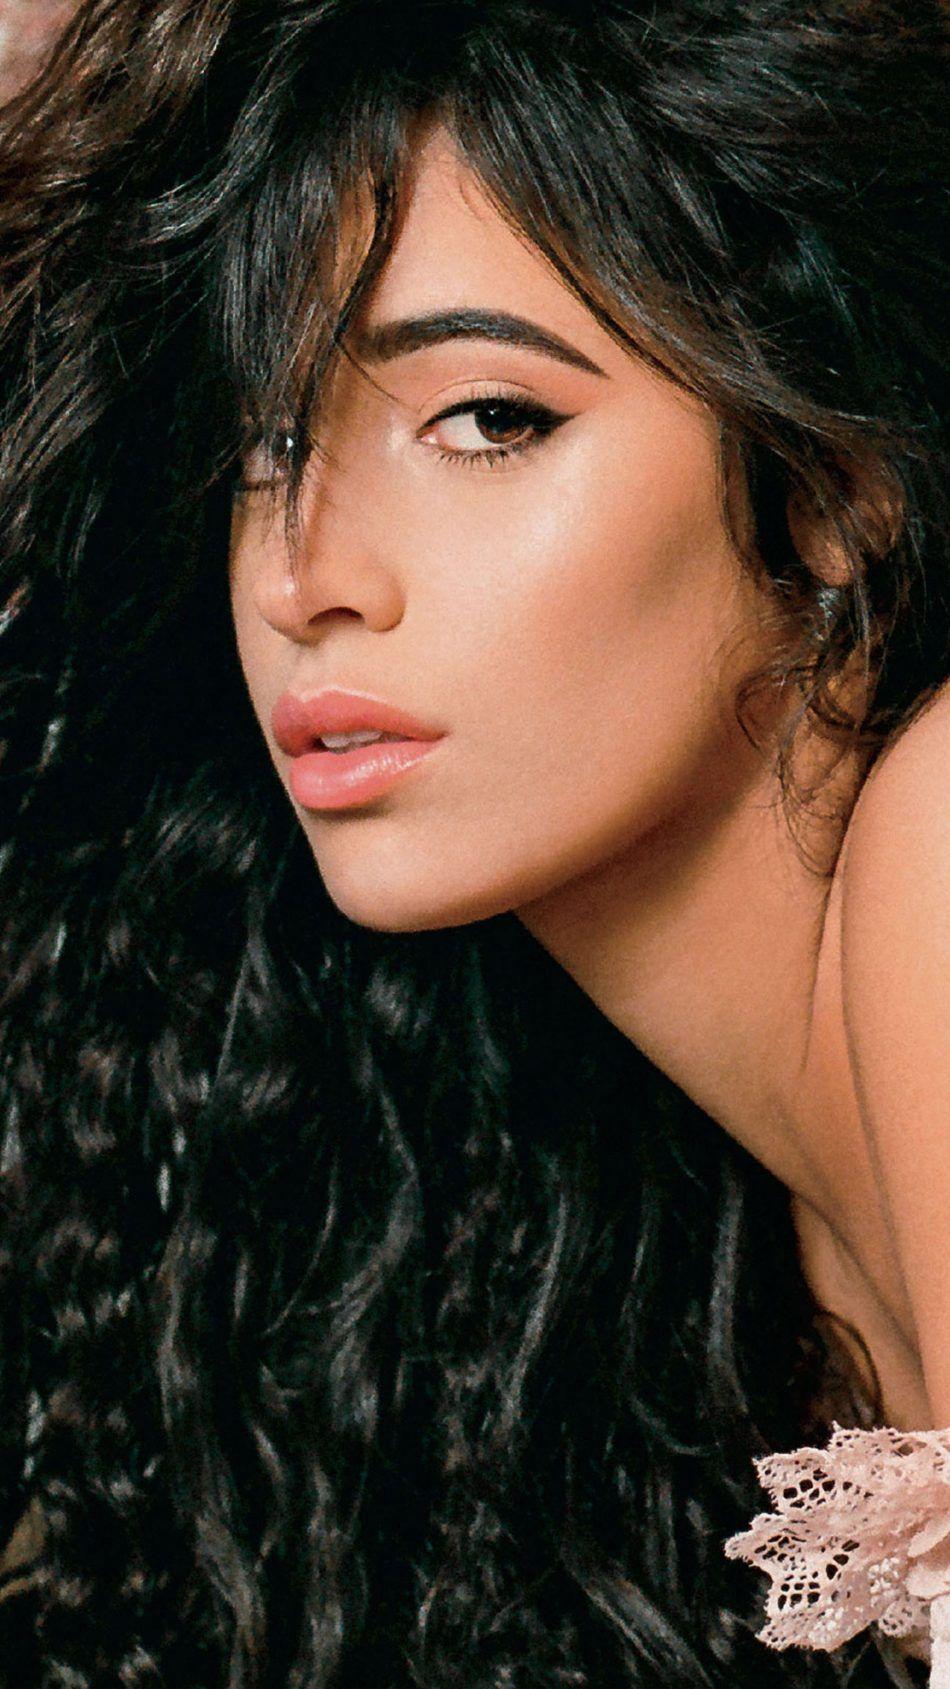 Camila Cabello 2019 Photoshoot 4k Ultra Hd Mobile Wallpaper Camila Cabello Celebrity Wallpapers Mobile Wallpaper